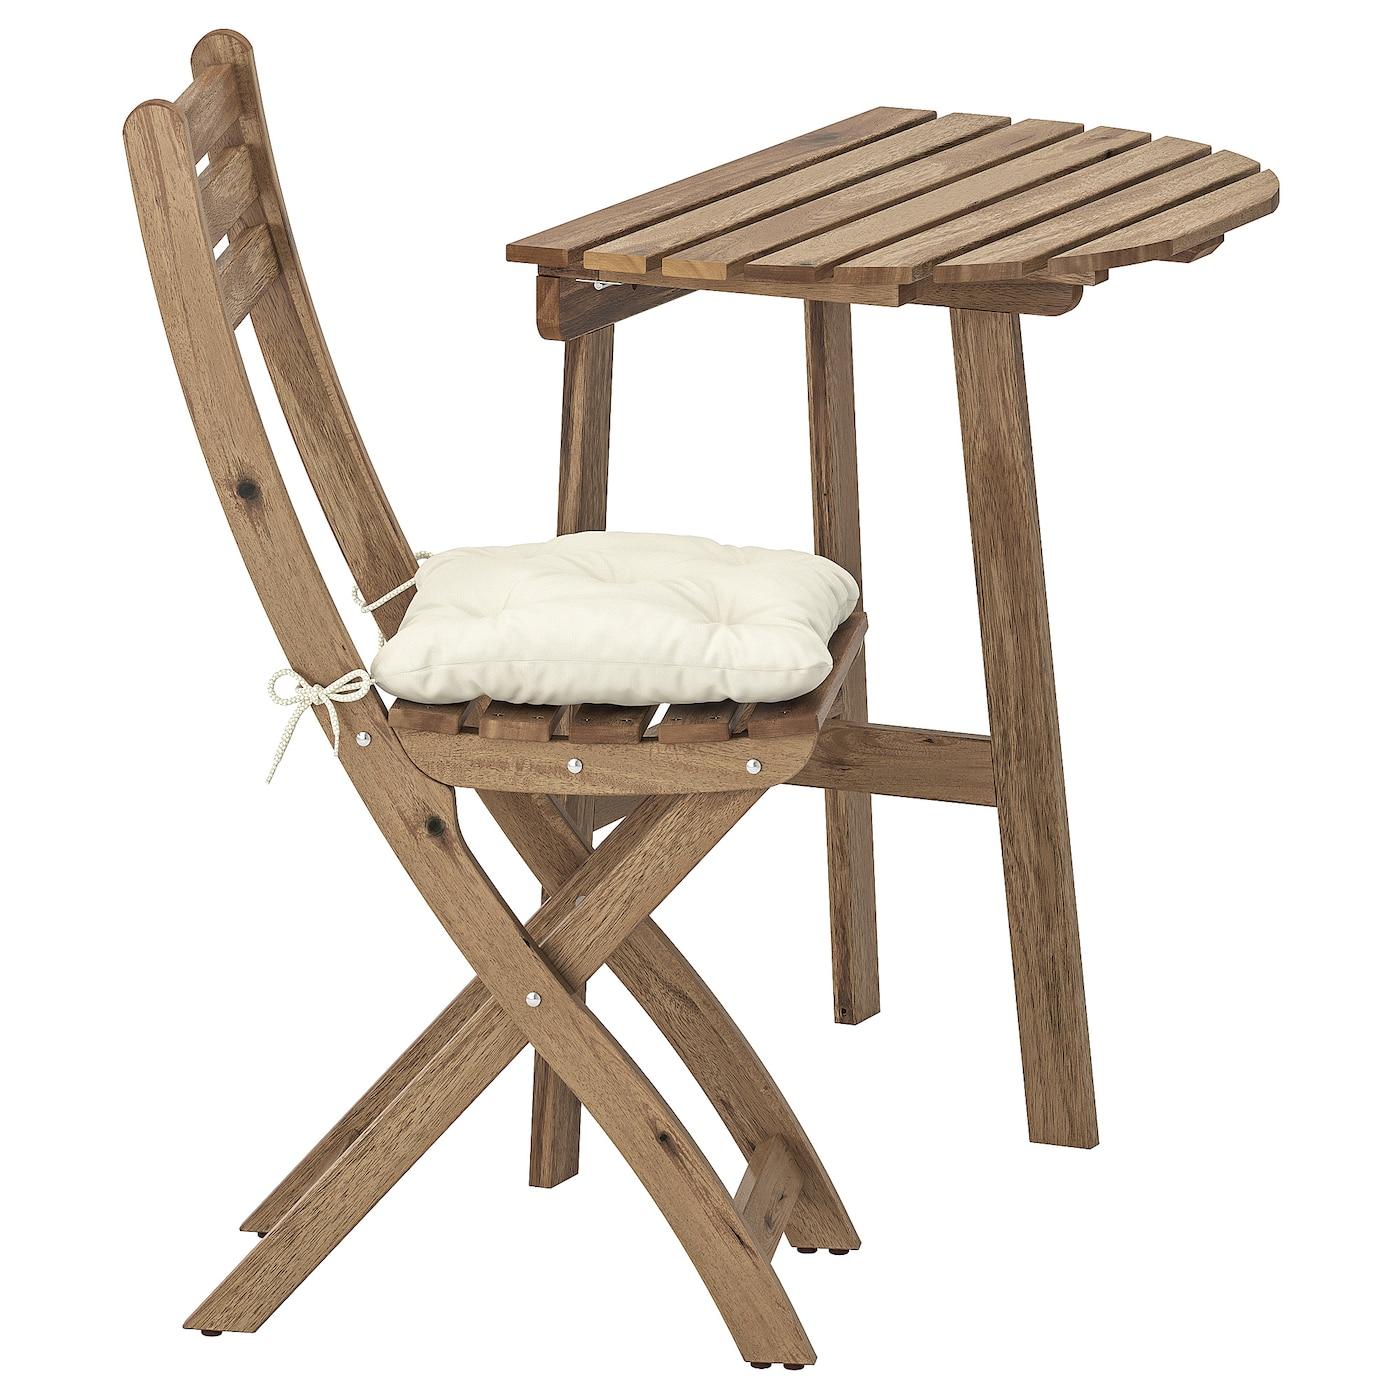 IKEA ASKHOLMEN Stolik ścienny+1 skł krzesł, zew, szarobrązowa bejca, Kuddarna beżowy